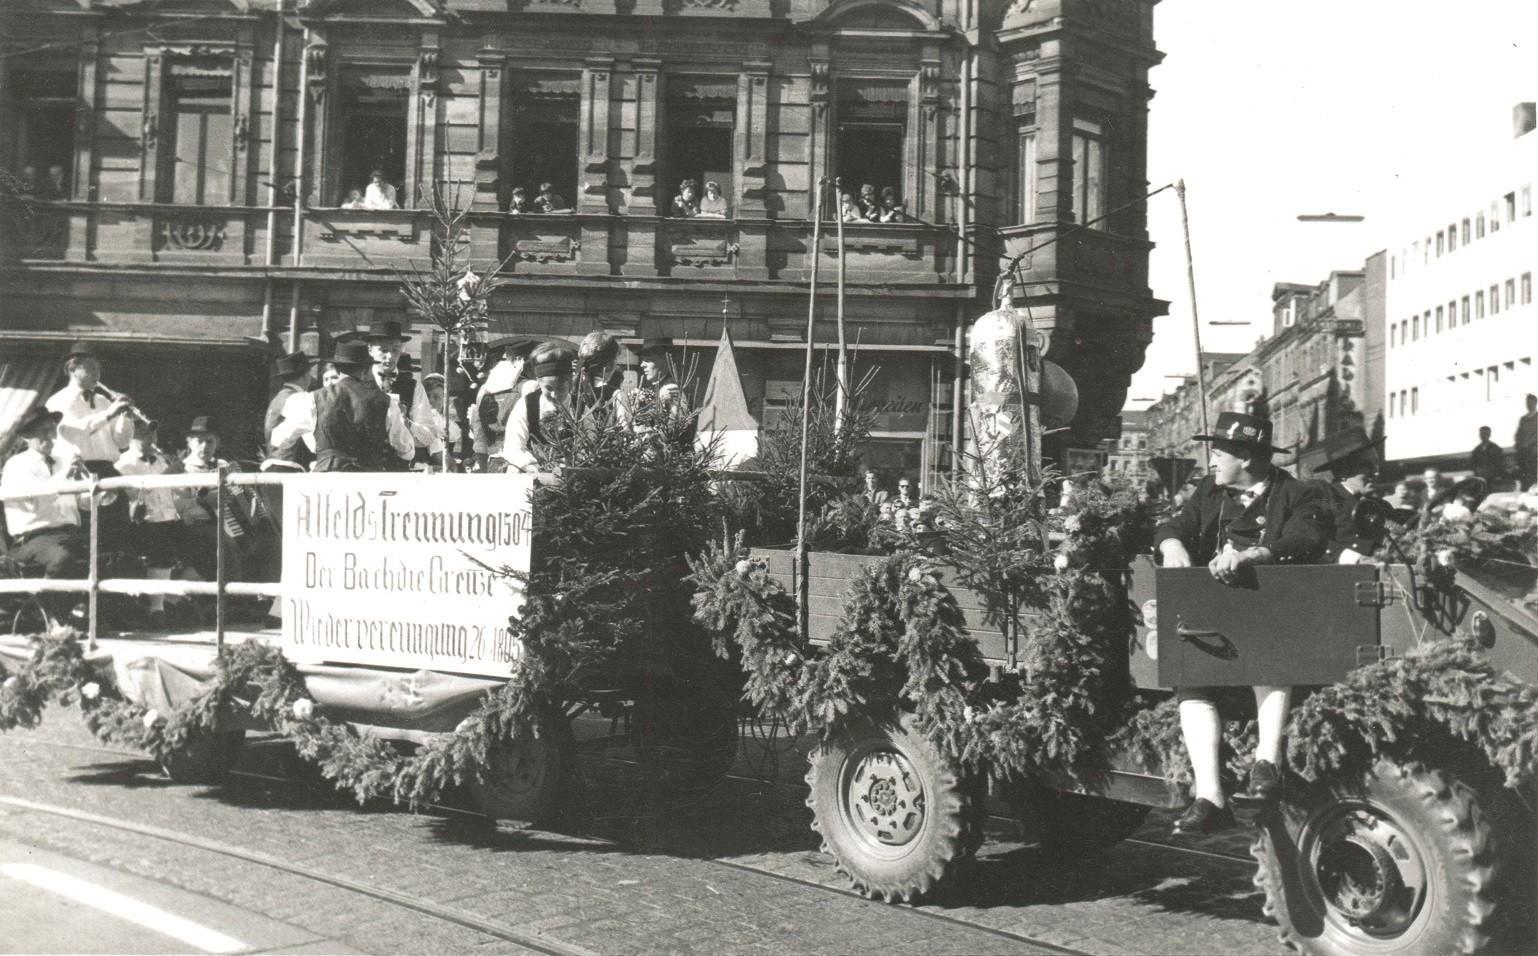 Abb. 12: Festwagen des Heimat- und Trachtenvereins Alfeld anlässlich des Erntedank-Festzuges zur Fürther Kirchweih 1962.